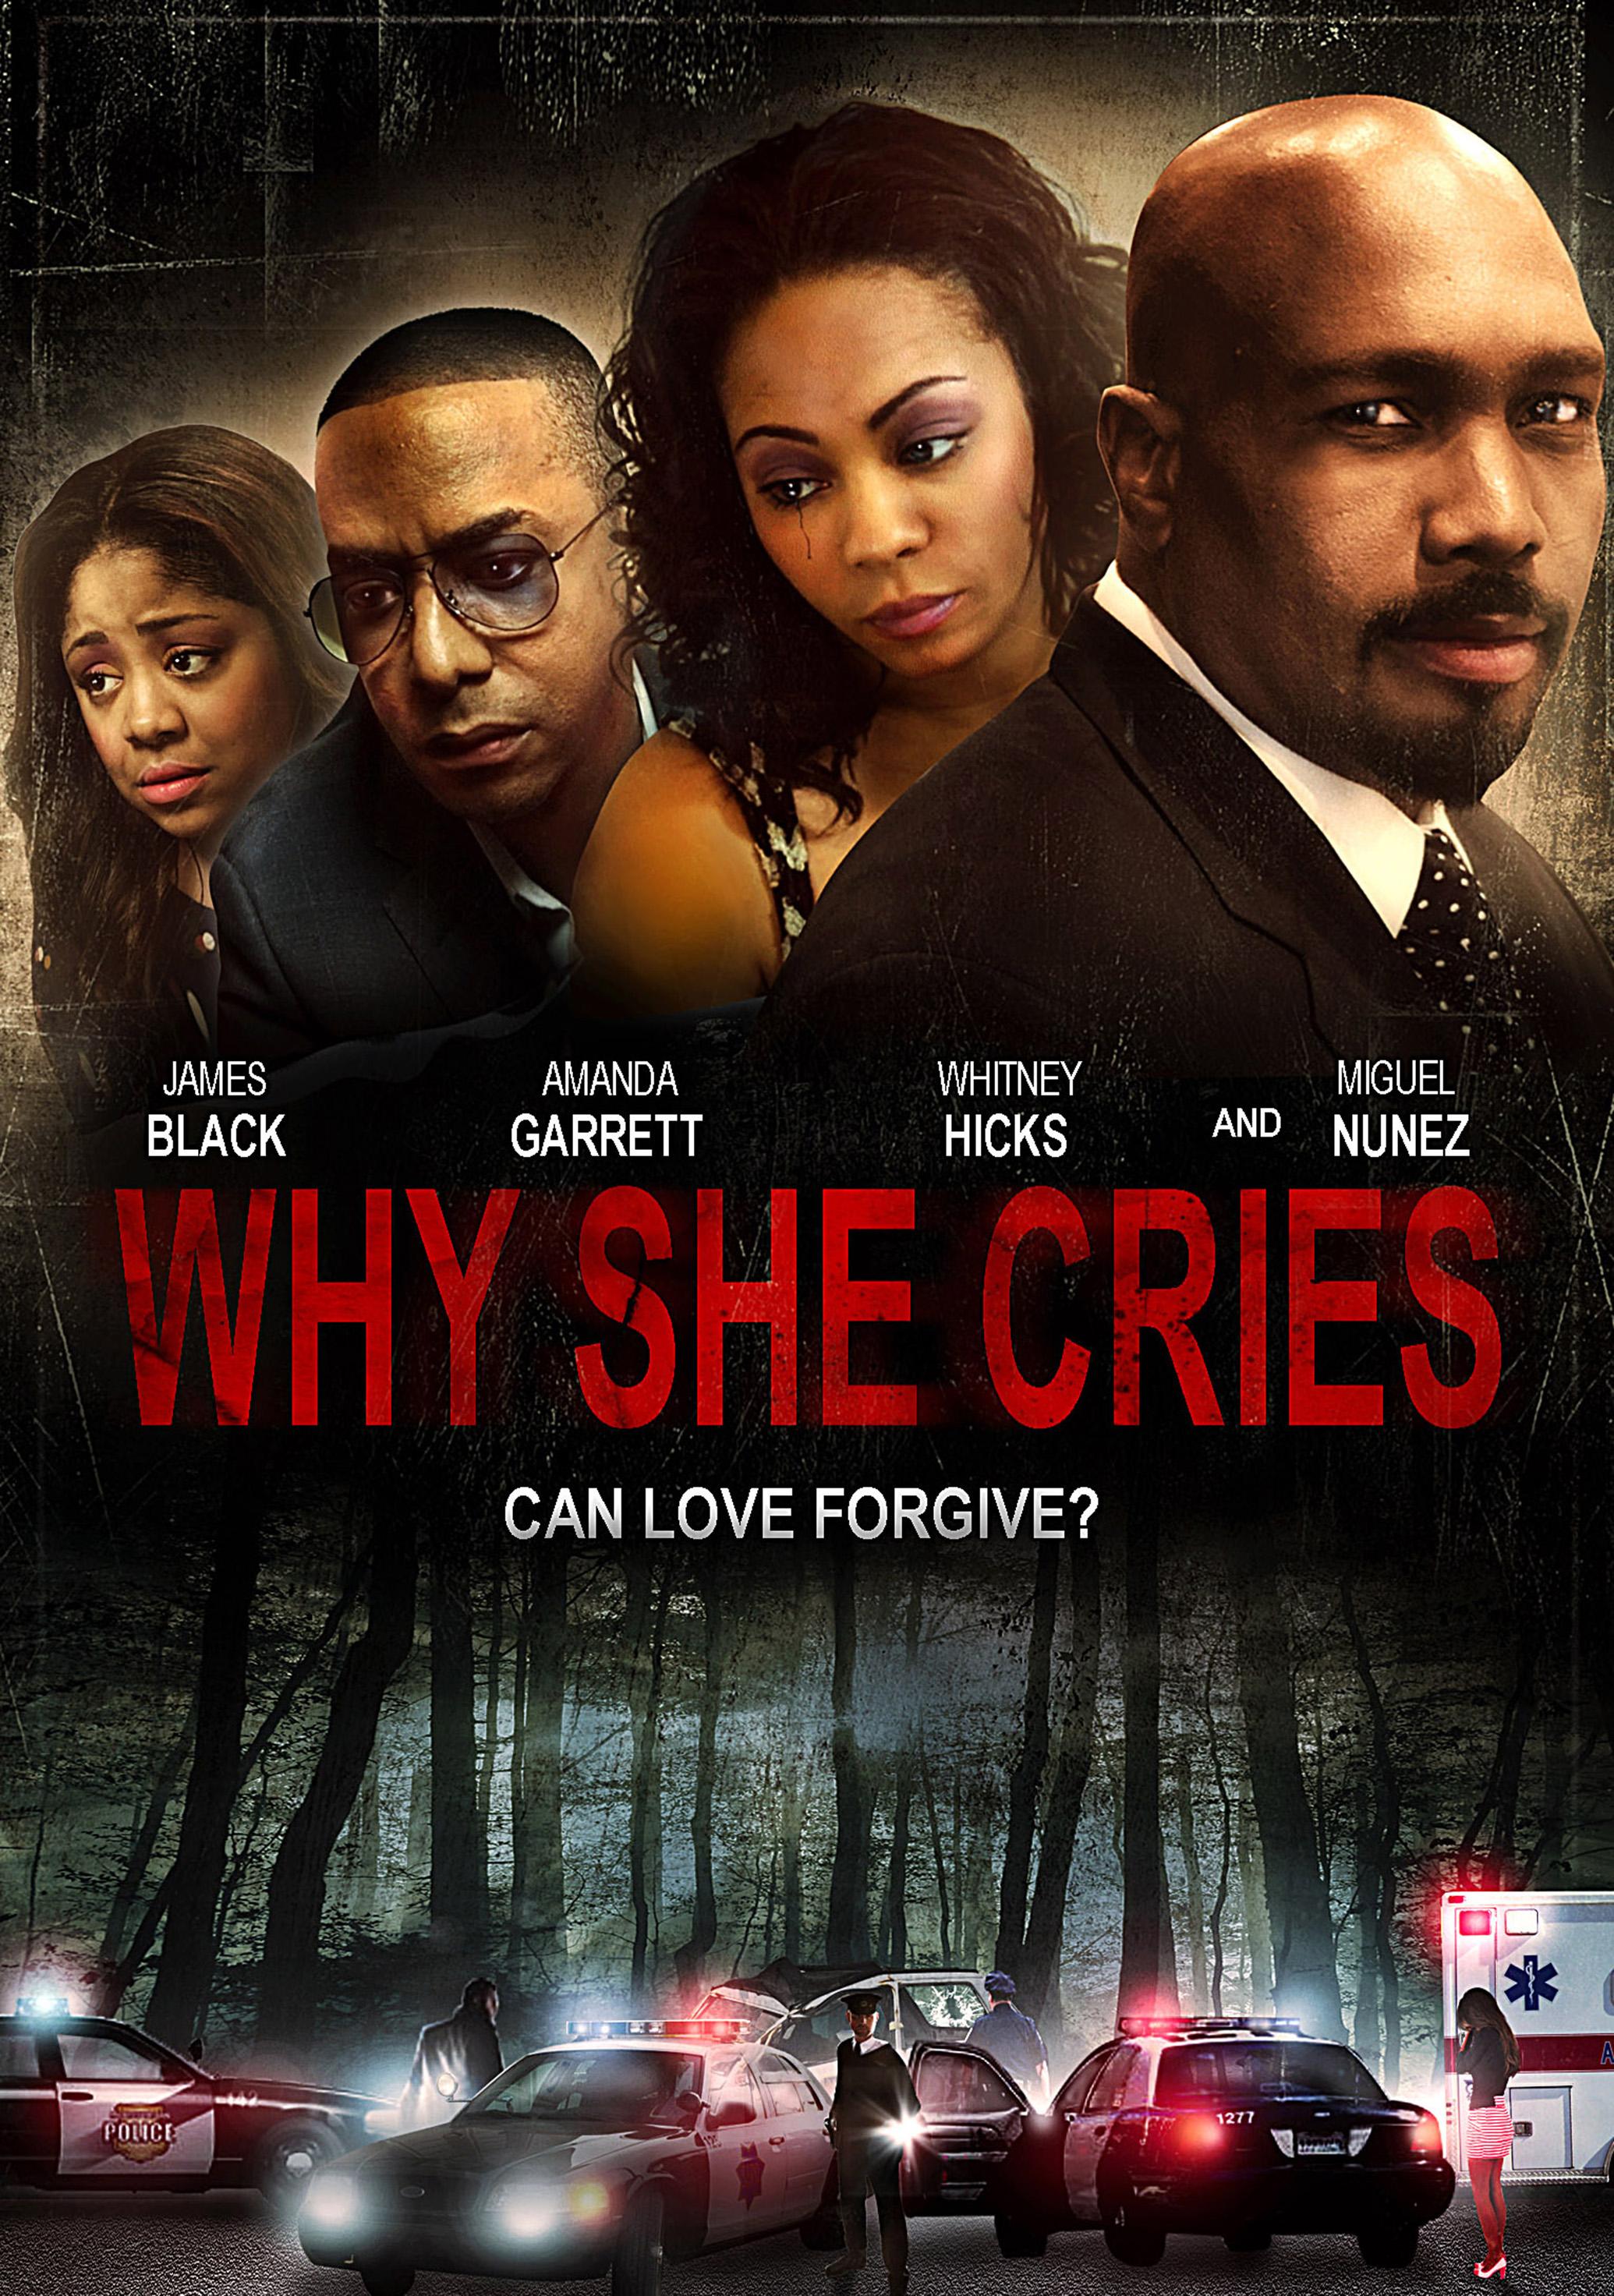 Why She Cries